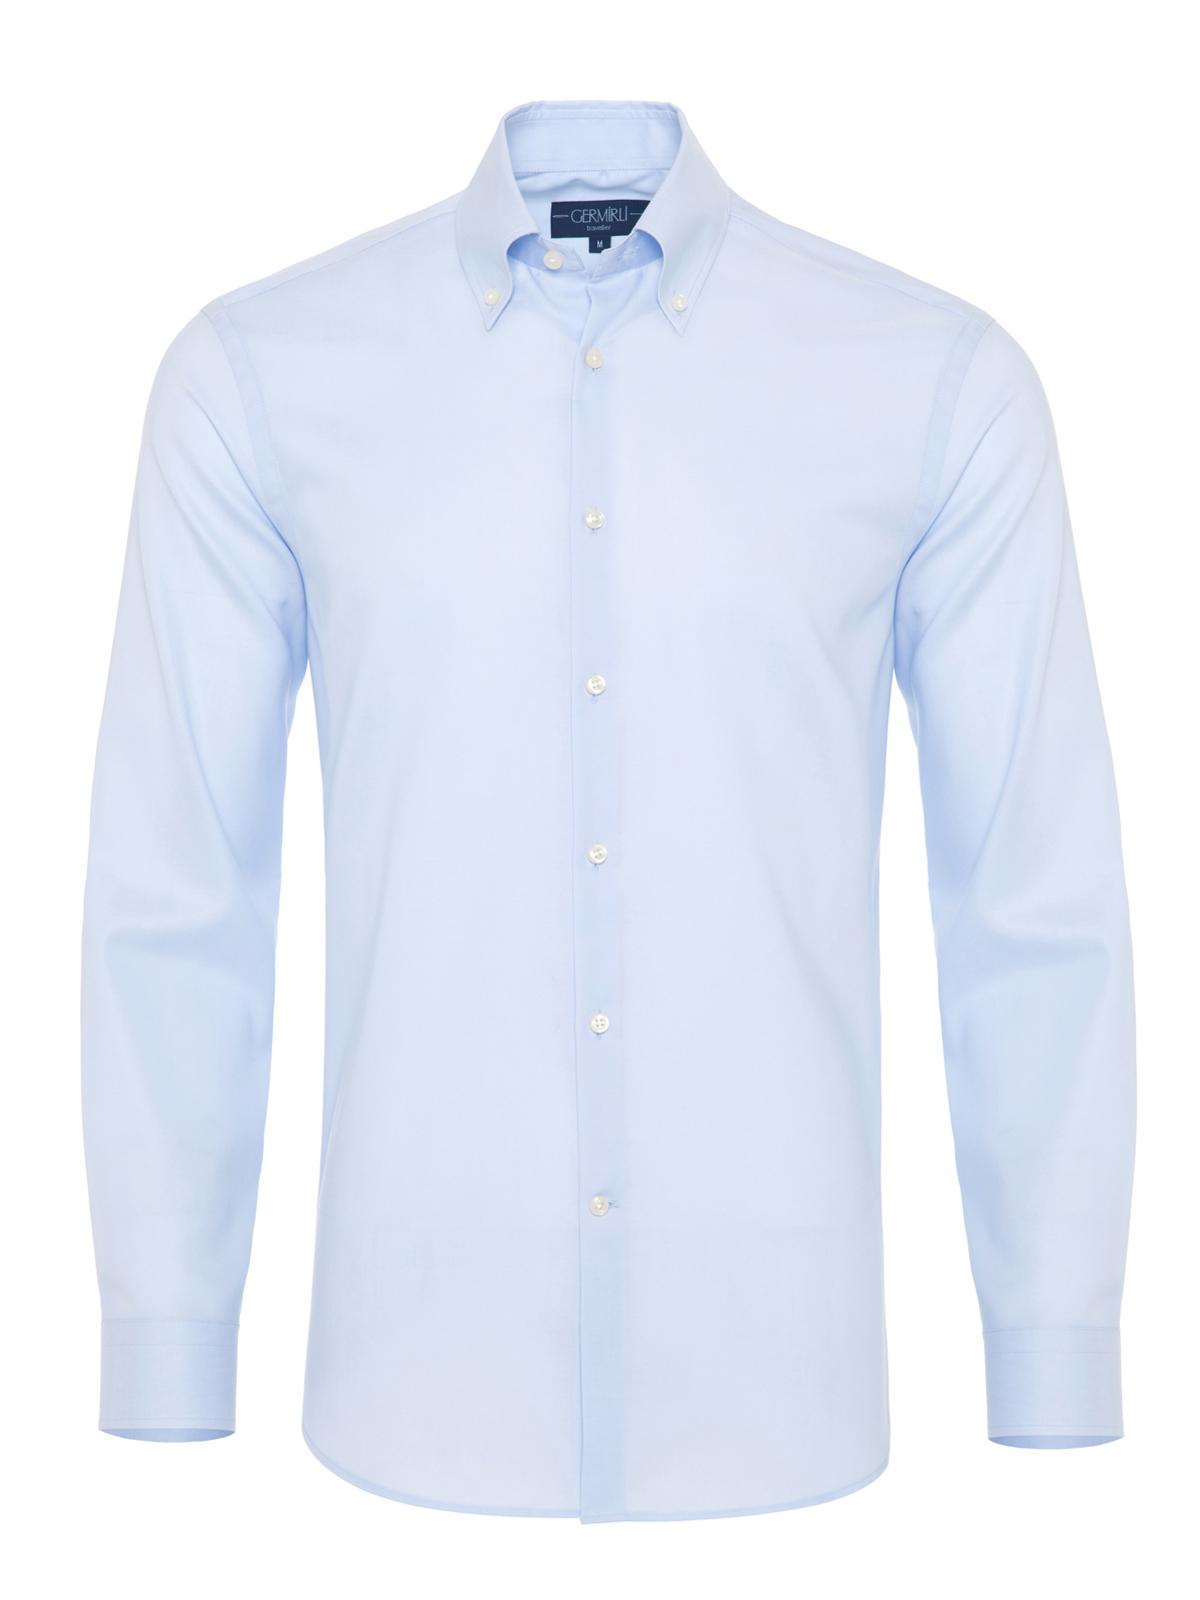 Germirli Non Iron A.Mavi Panama Düğmeli Yaka Tailor Fit Zero 24 Gömlek